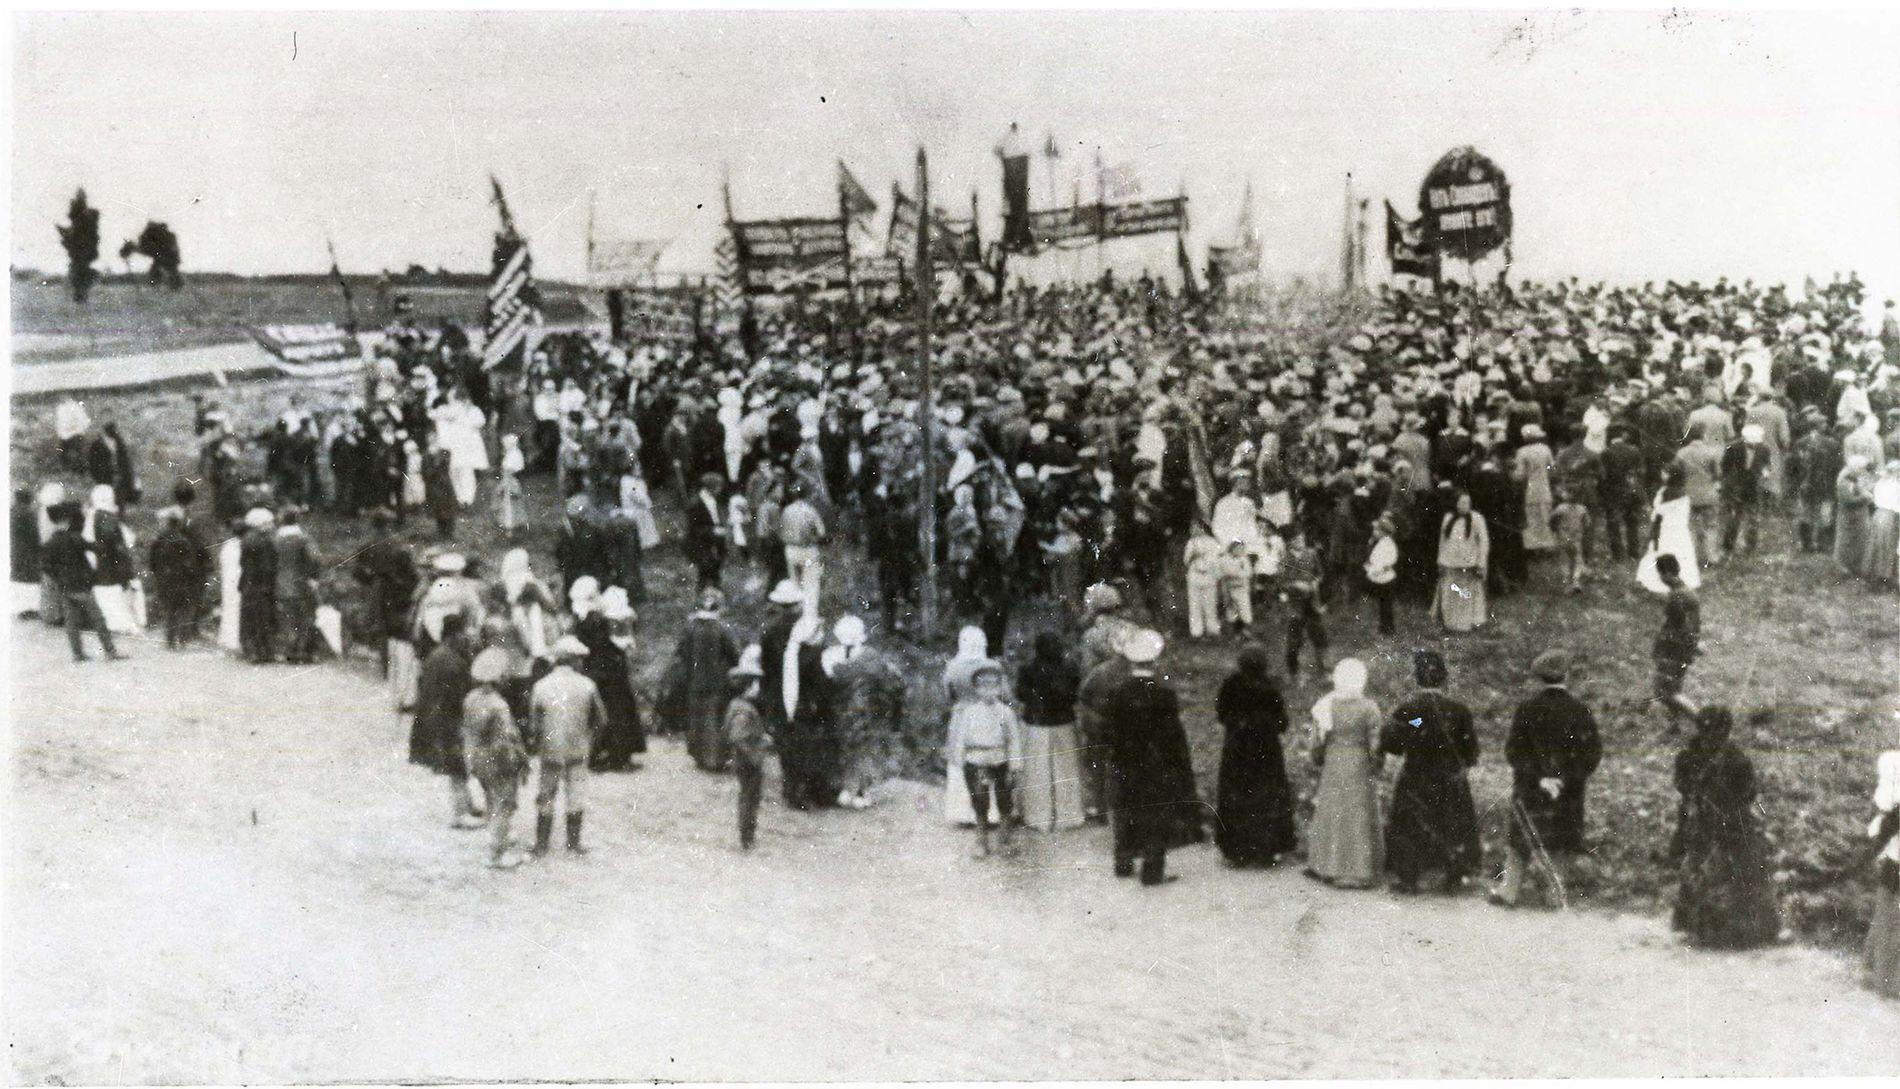 Первомайская демонстрация в Сочи, 1917 год ©Архив музея истории города-курорта Сочи